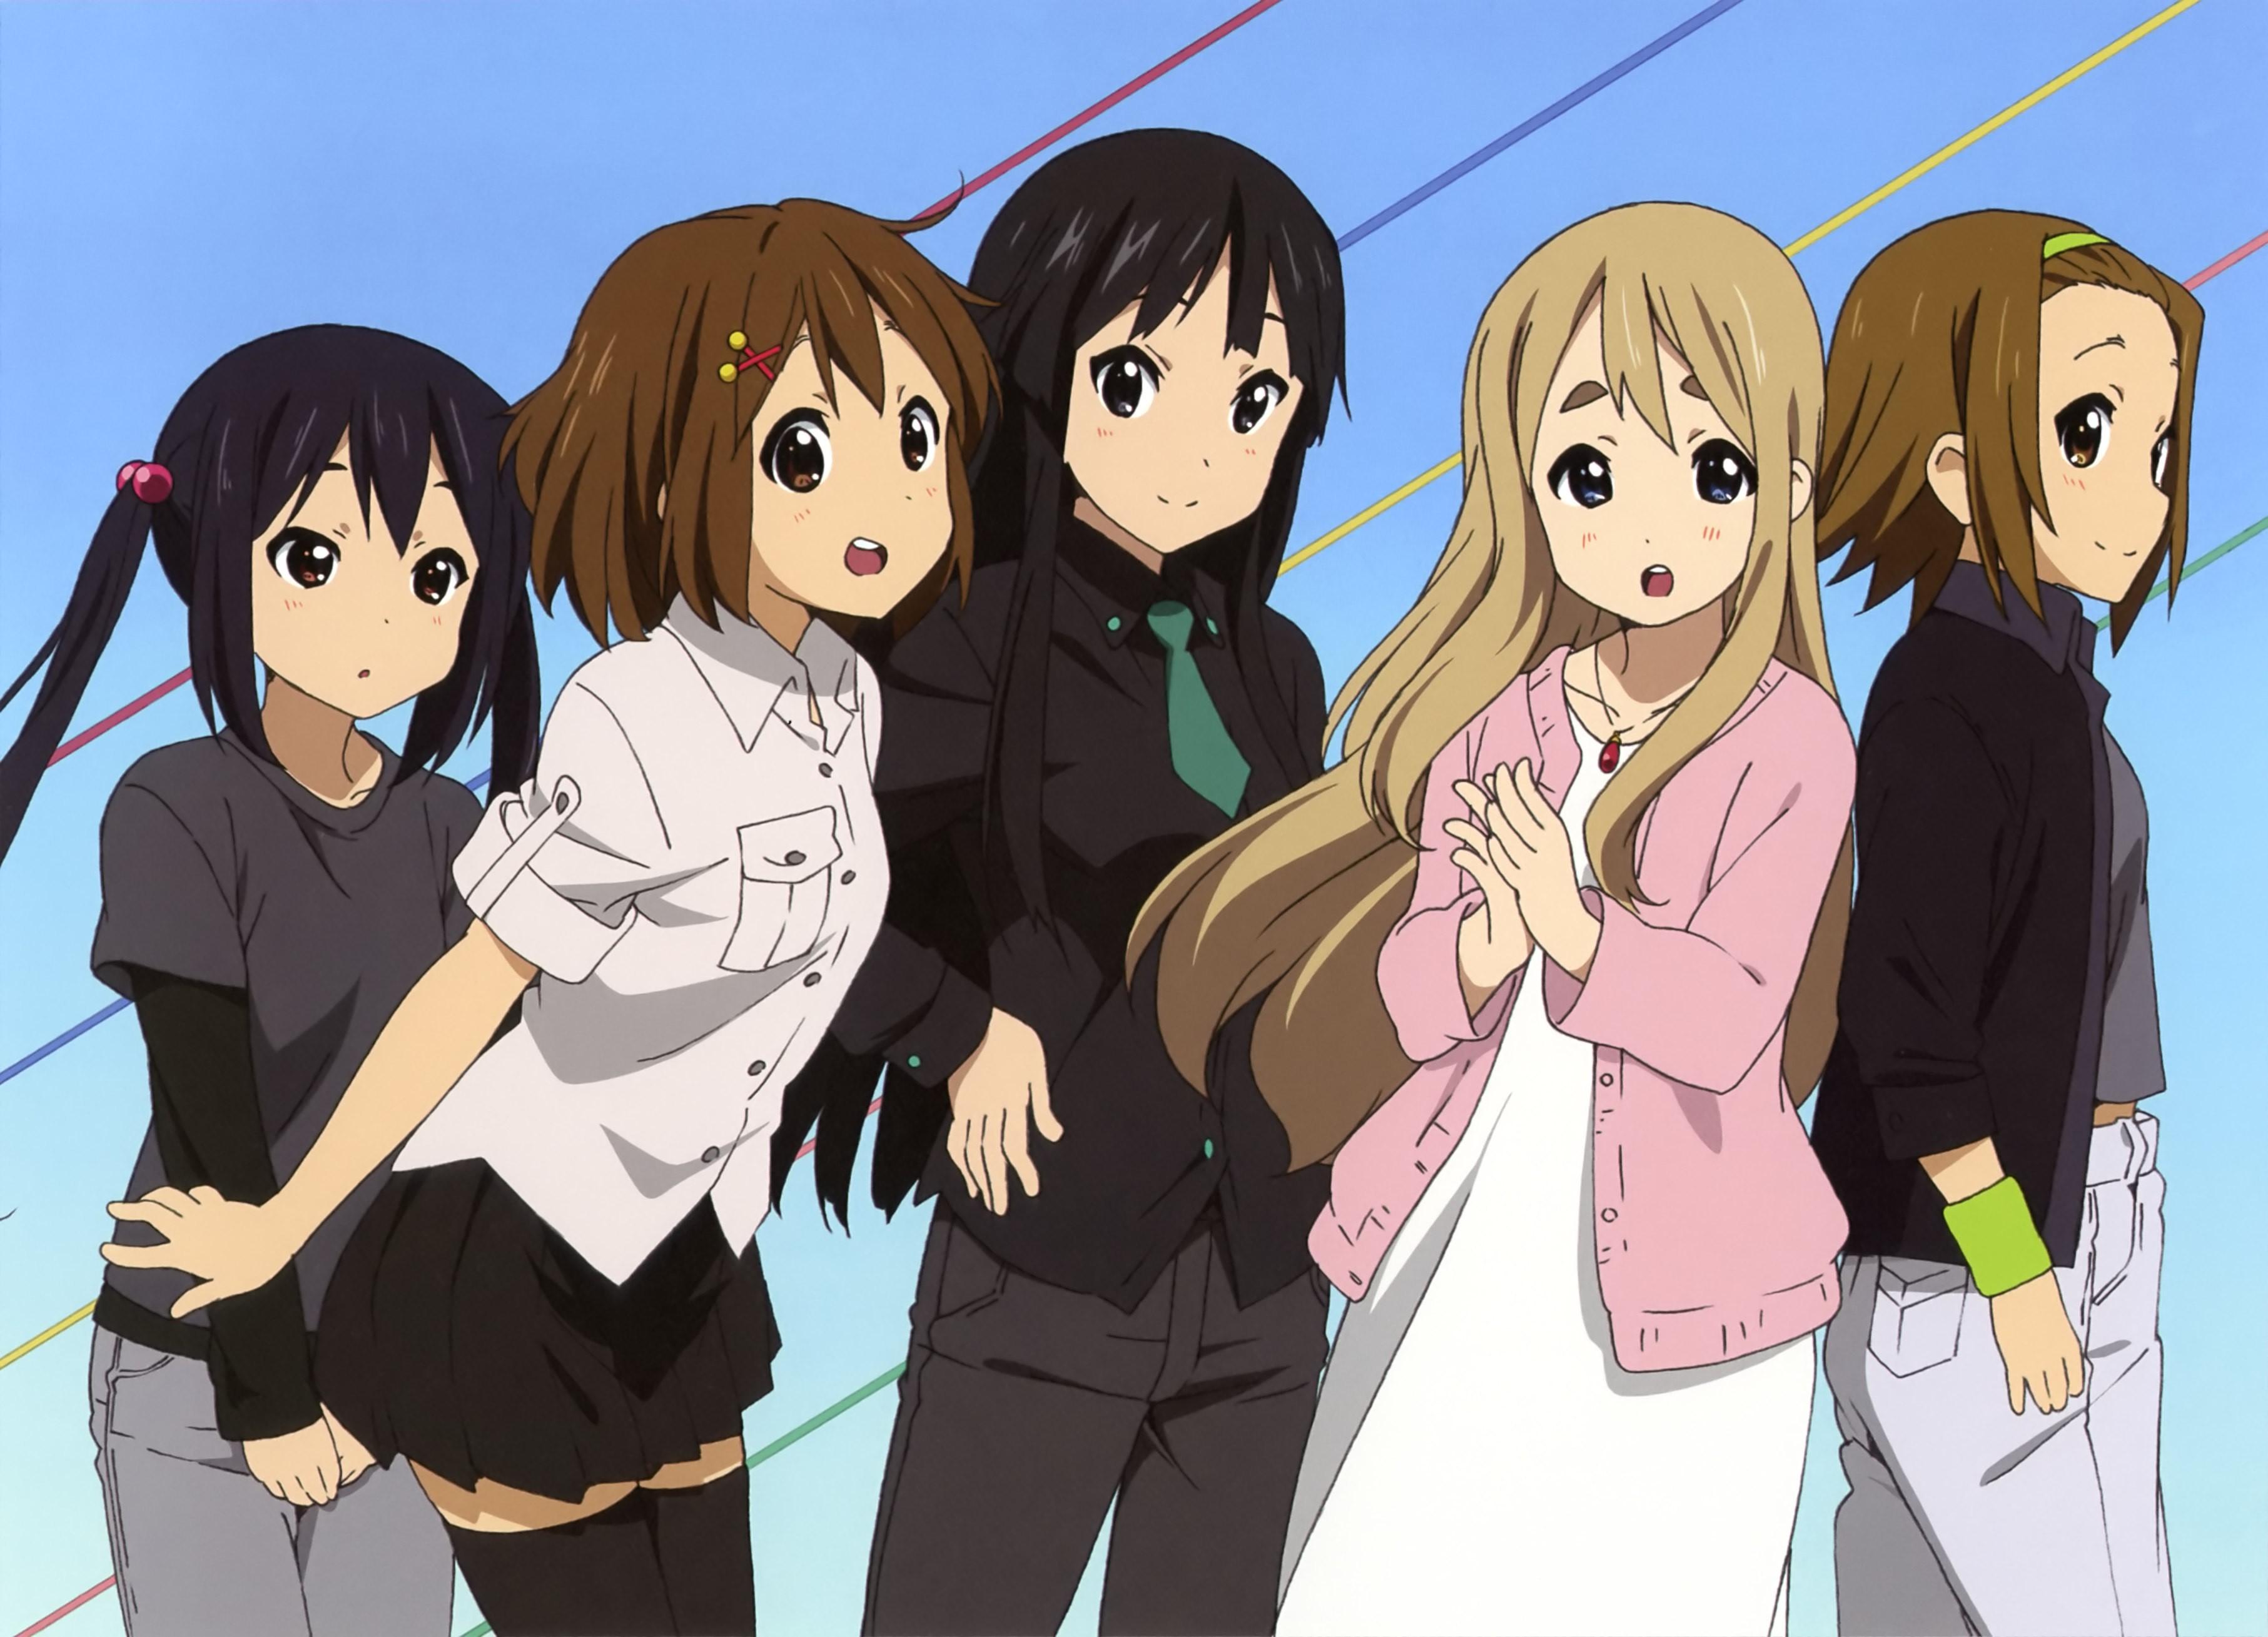 Anime 3626x2617 K-ON! Nakano Azusa Hirasawa Yui Tainaka Ritsu Kotobuki Tsumugi Akiyama Mio